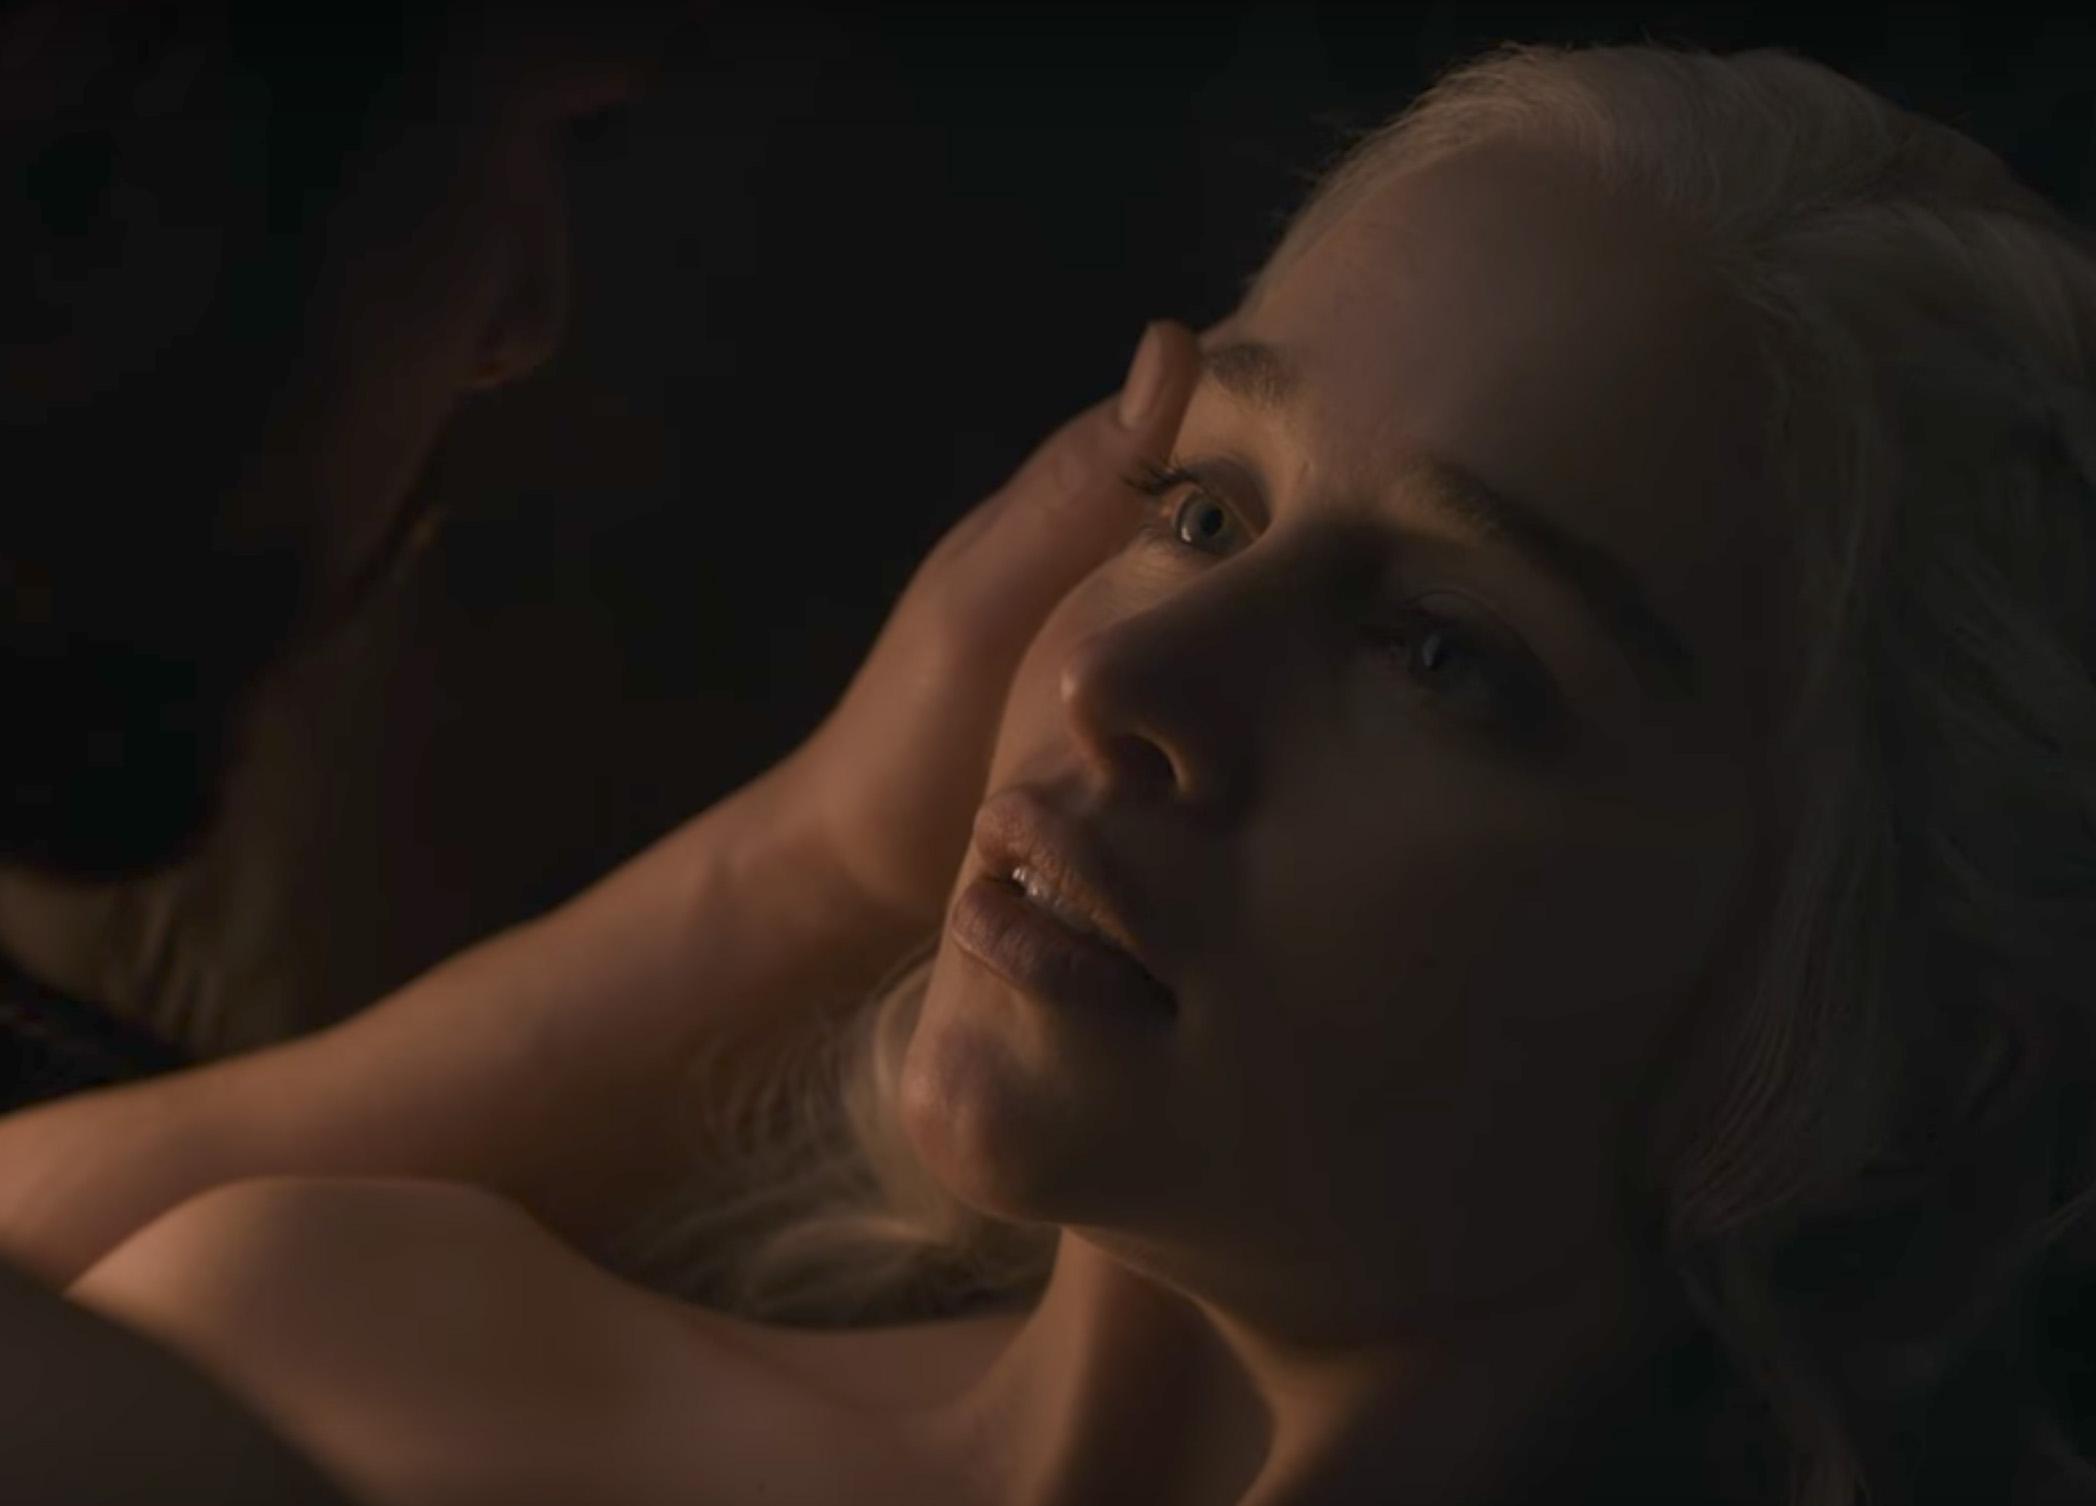 Получают ли оргазм порноактеры или это игра